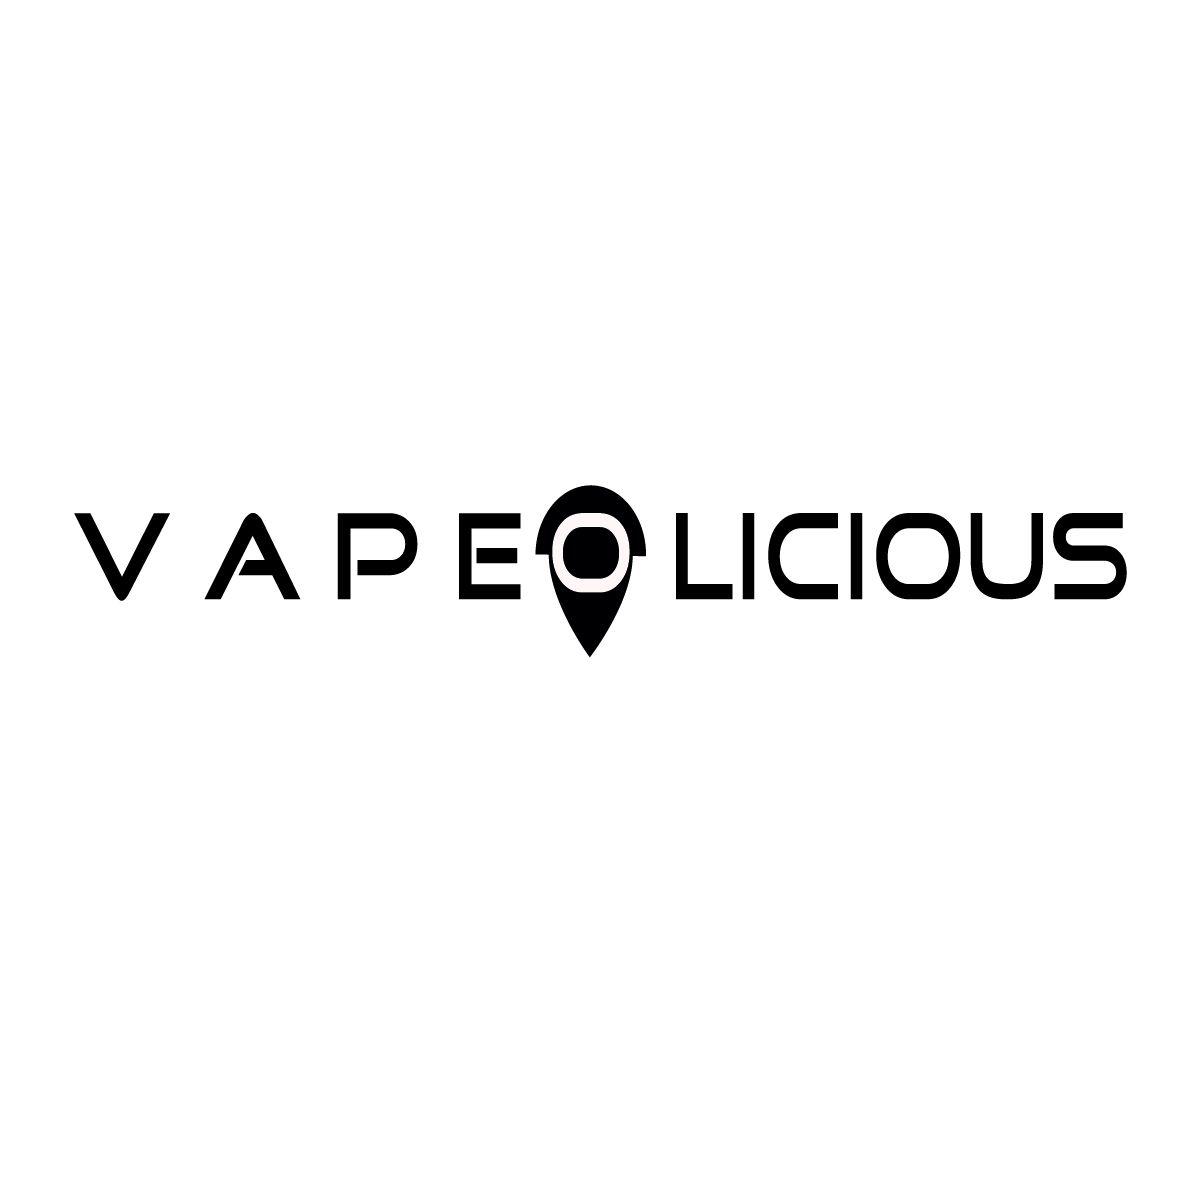 VapeOlicousLogo.ai.jpg